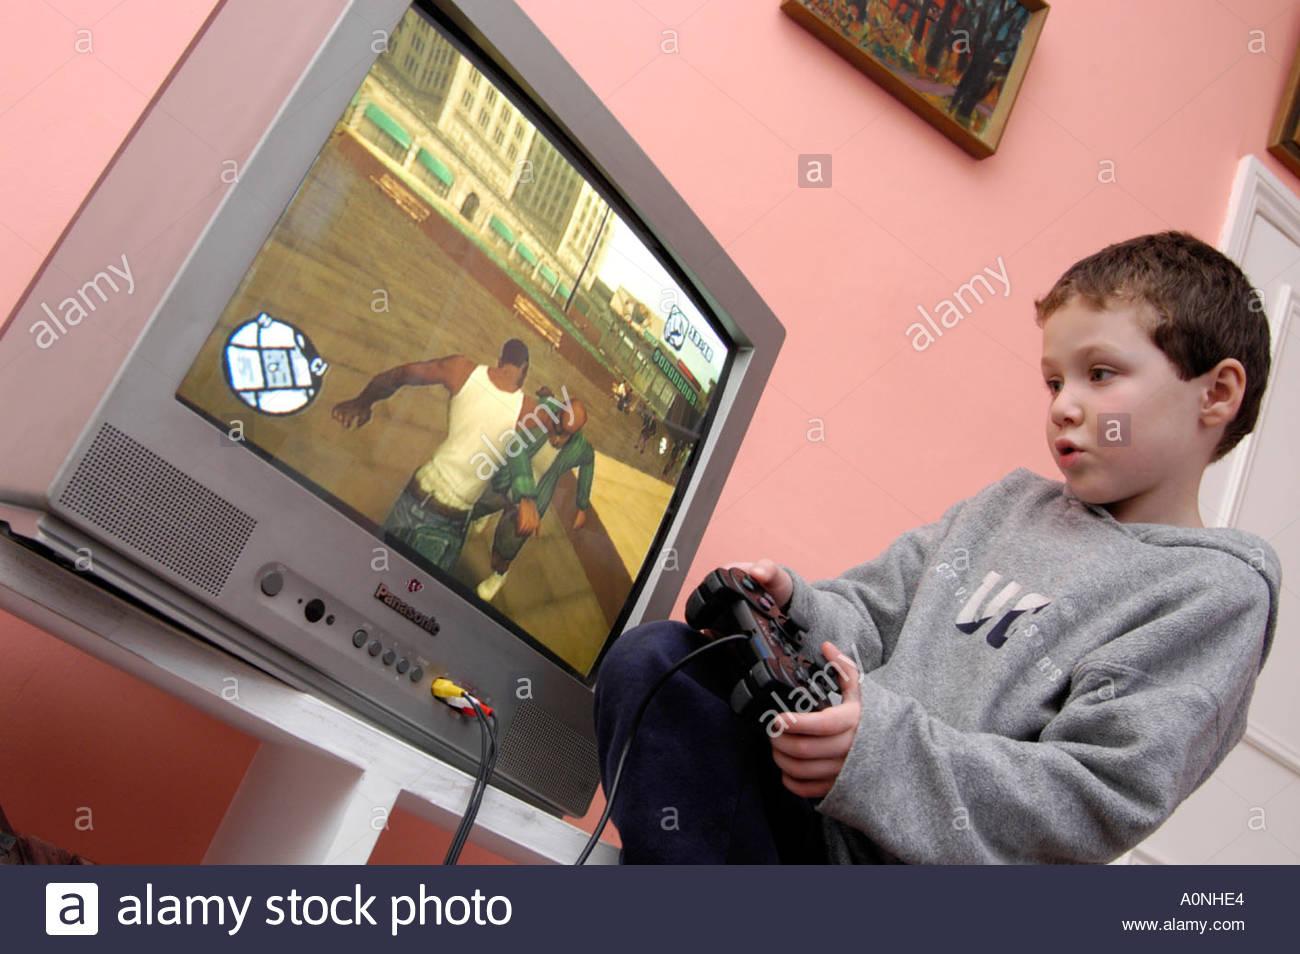 Jeune Garçon Jouant Certificat 18 Violents Rated Ordinateur concernant Jeux De Grand Garçon